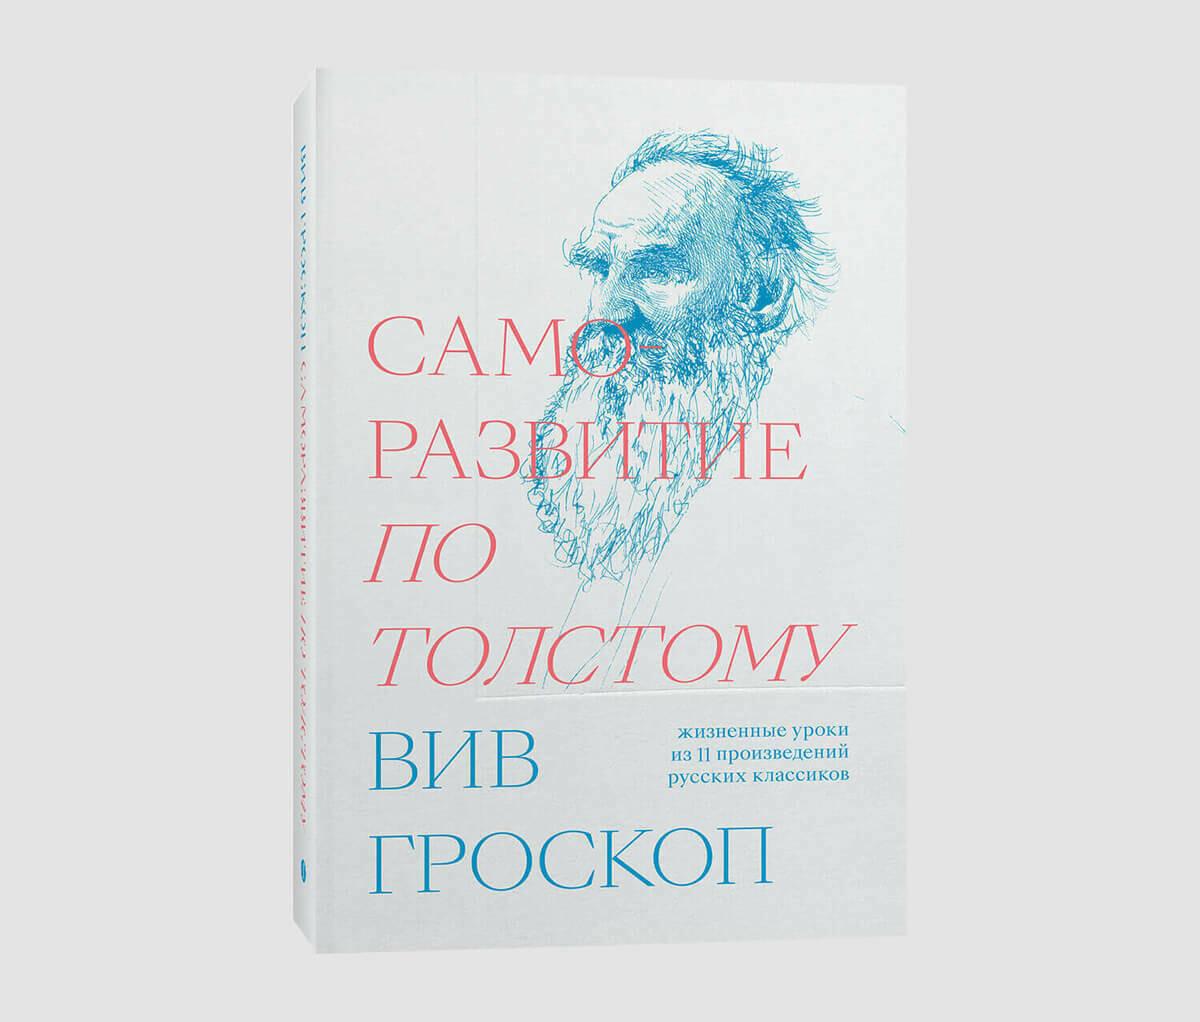 Книга «Саморазвитие по Толстому. Жизненные уроки из 11 произведений русских классиков» Вив Гроскоп